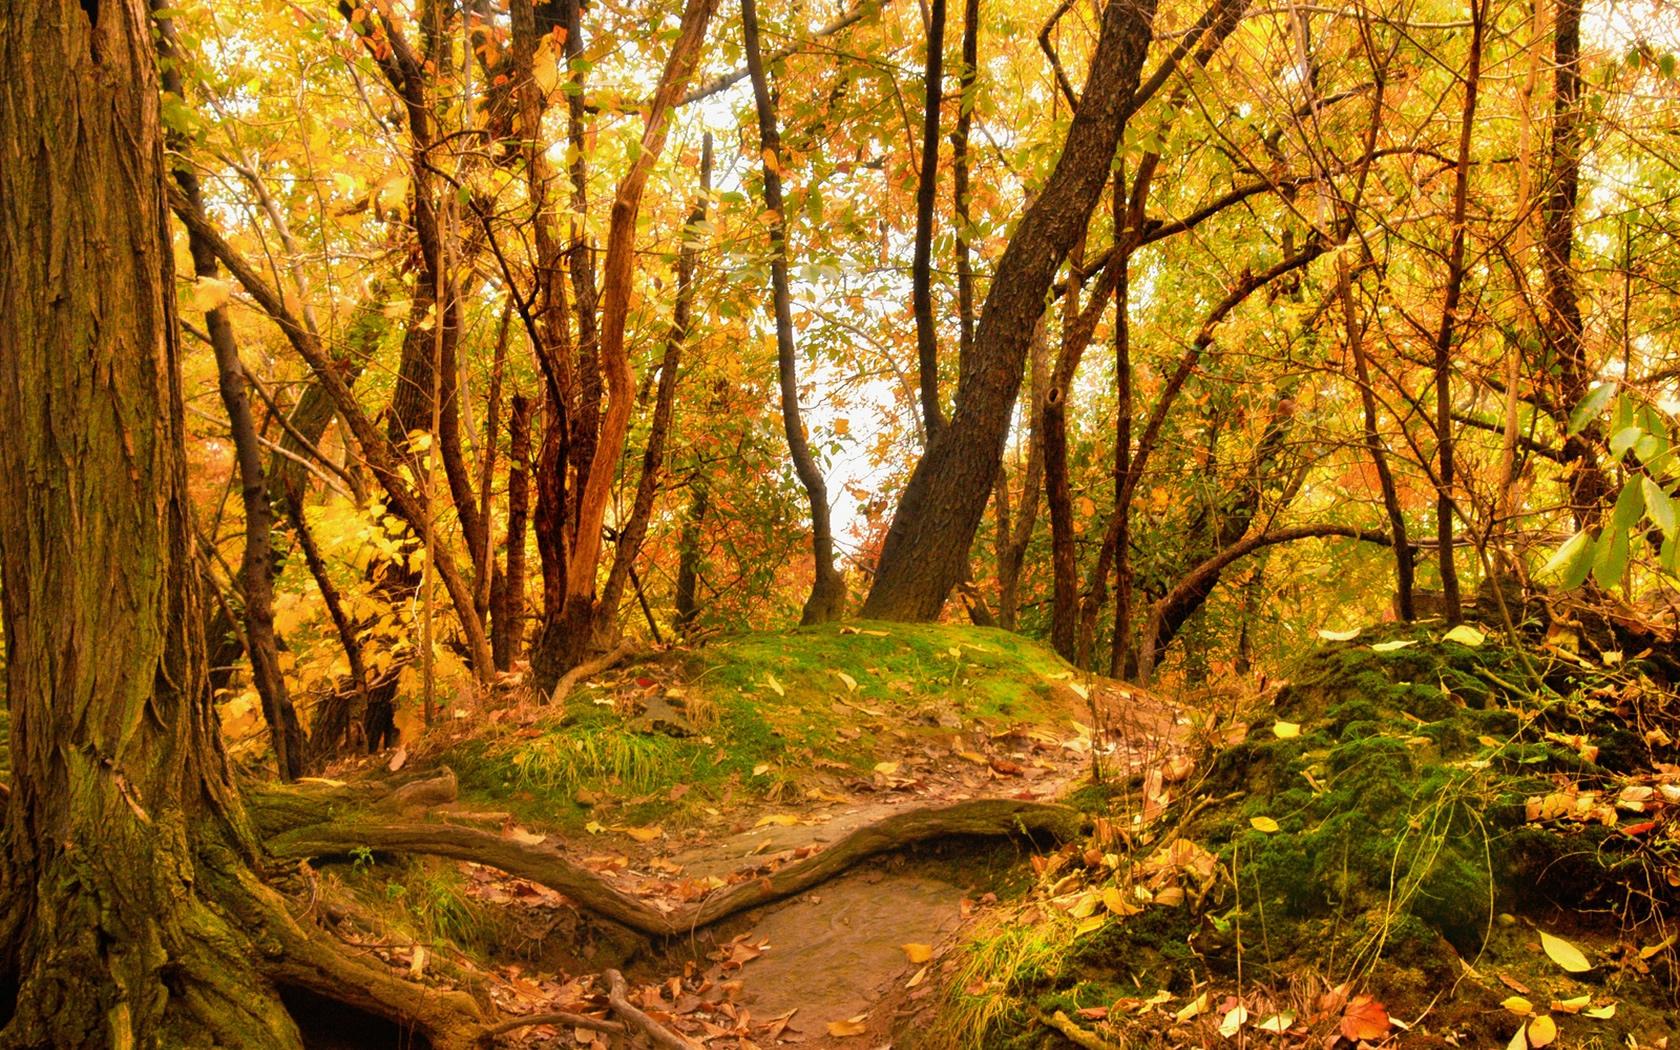 Hình nền mùa thu Autumnscenerywallpaper1